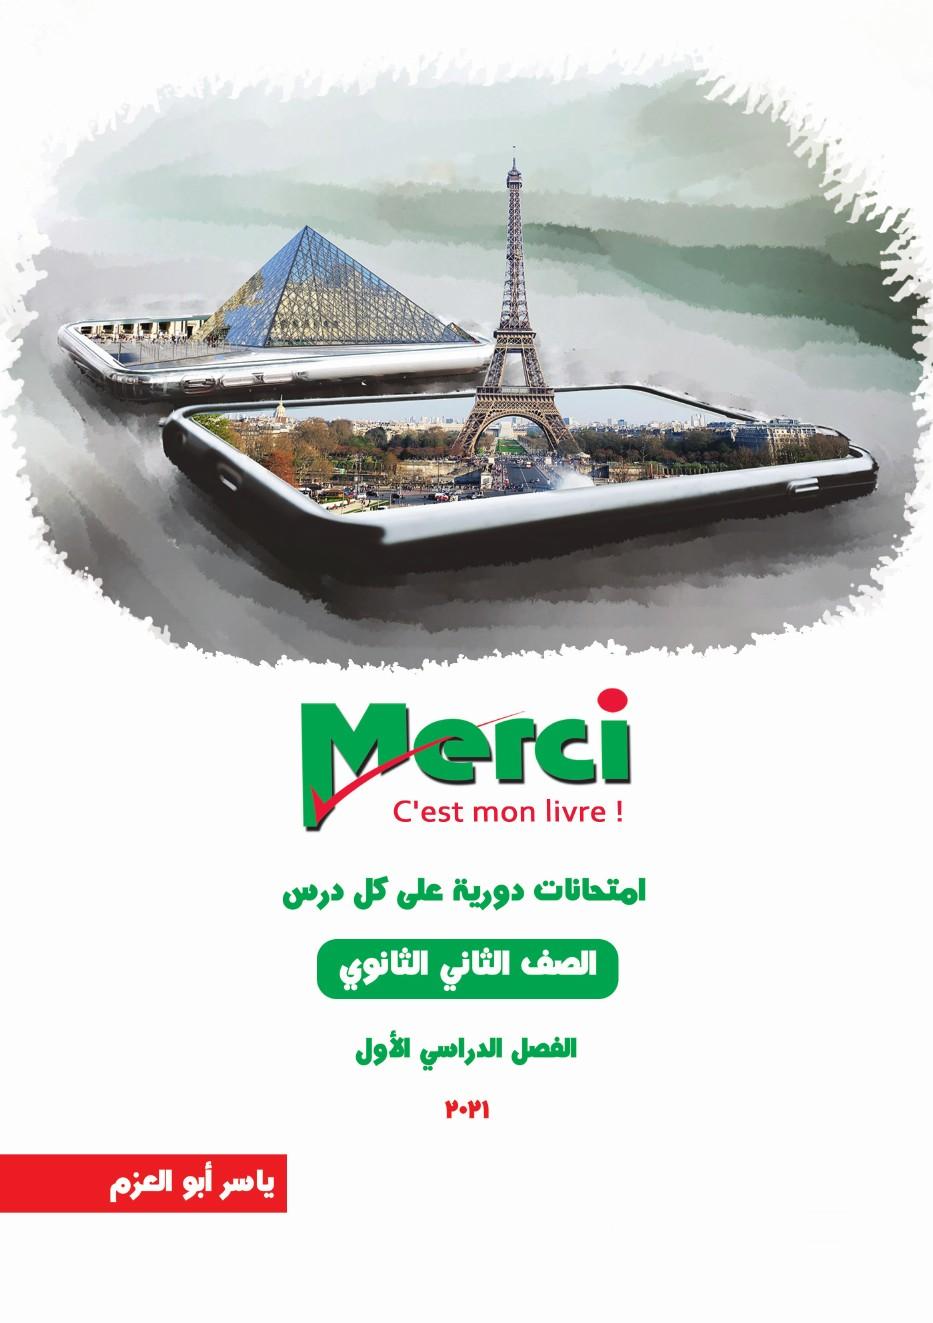 المراجعة النهائية كتاب ميرسي Merci فى اللغة الفرنسية للصف الثانى الثانوي الترم الأول 2021 pdf